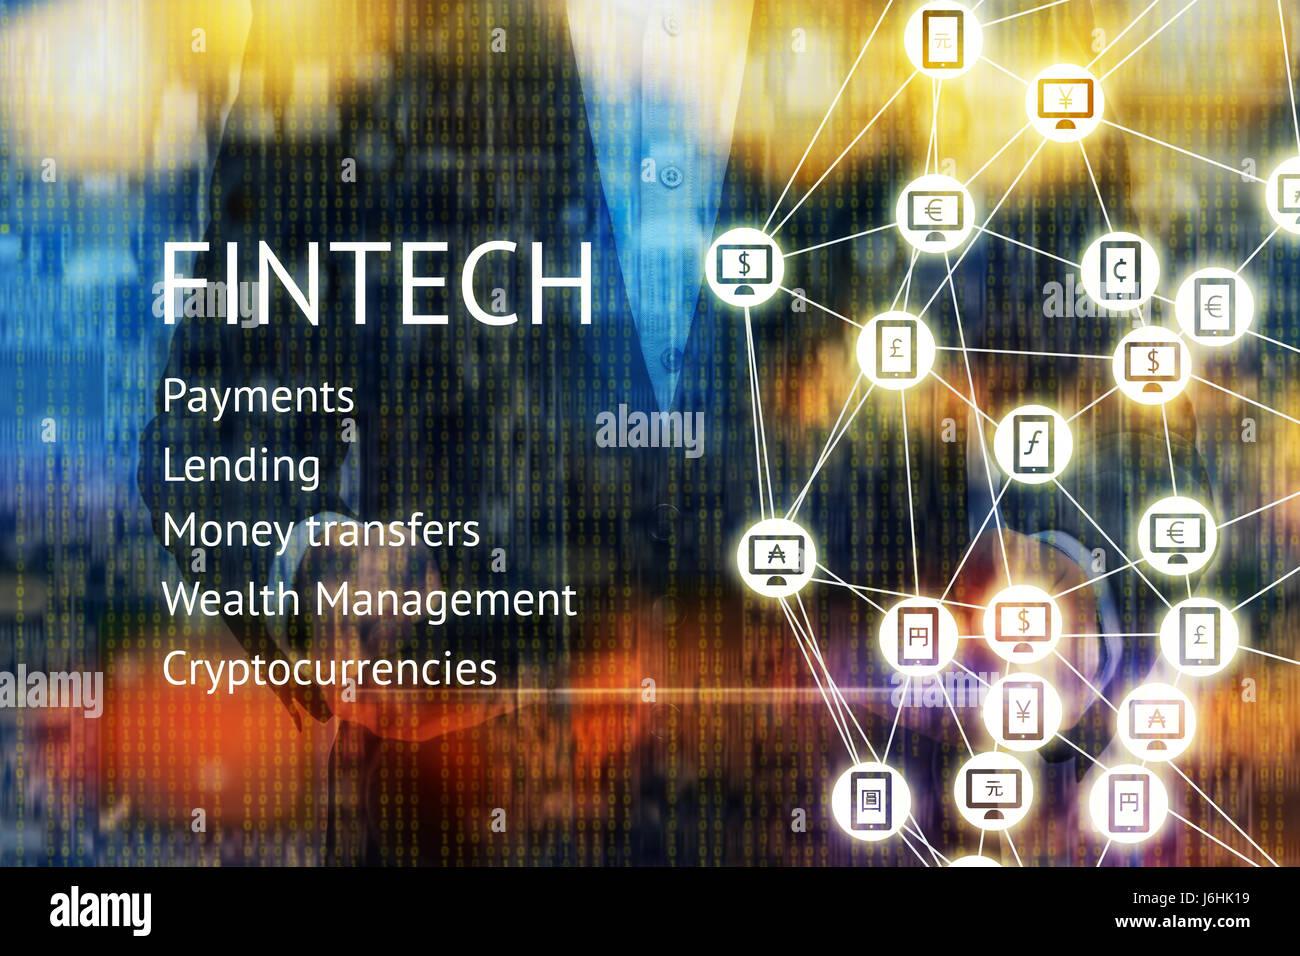 Fintech tecnología financiera y el concepto de e-commerce. Traje de hombre sosteniendo tablet.monedas del mundo Imagen De Stock